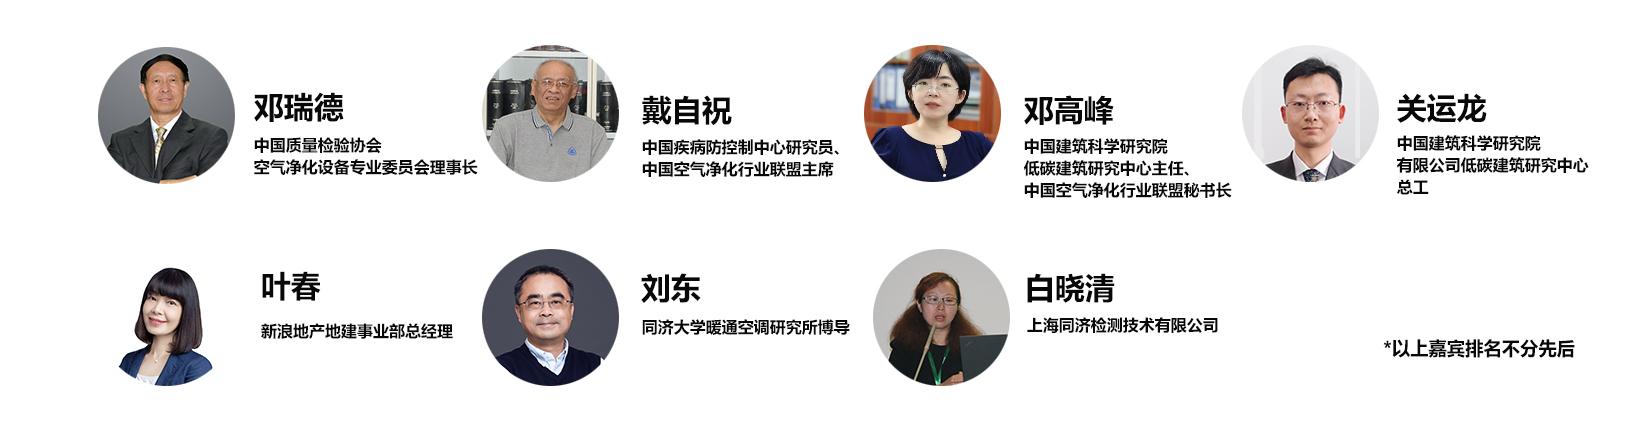 2021新风净化行业发展交流研讨会-上海空气新风展 AIRVENTEC CHINA 2021.6.2-4 新风系统 通风设备 空气净化